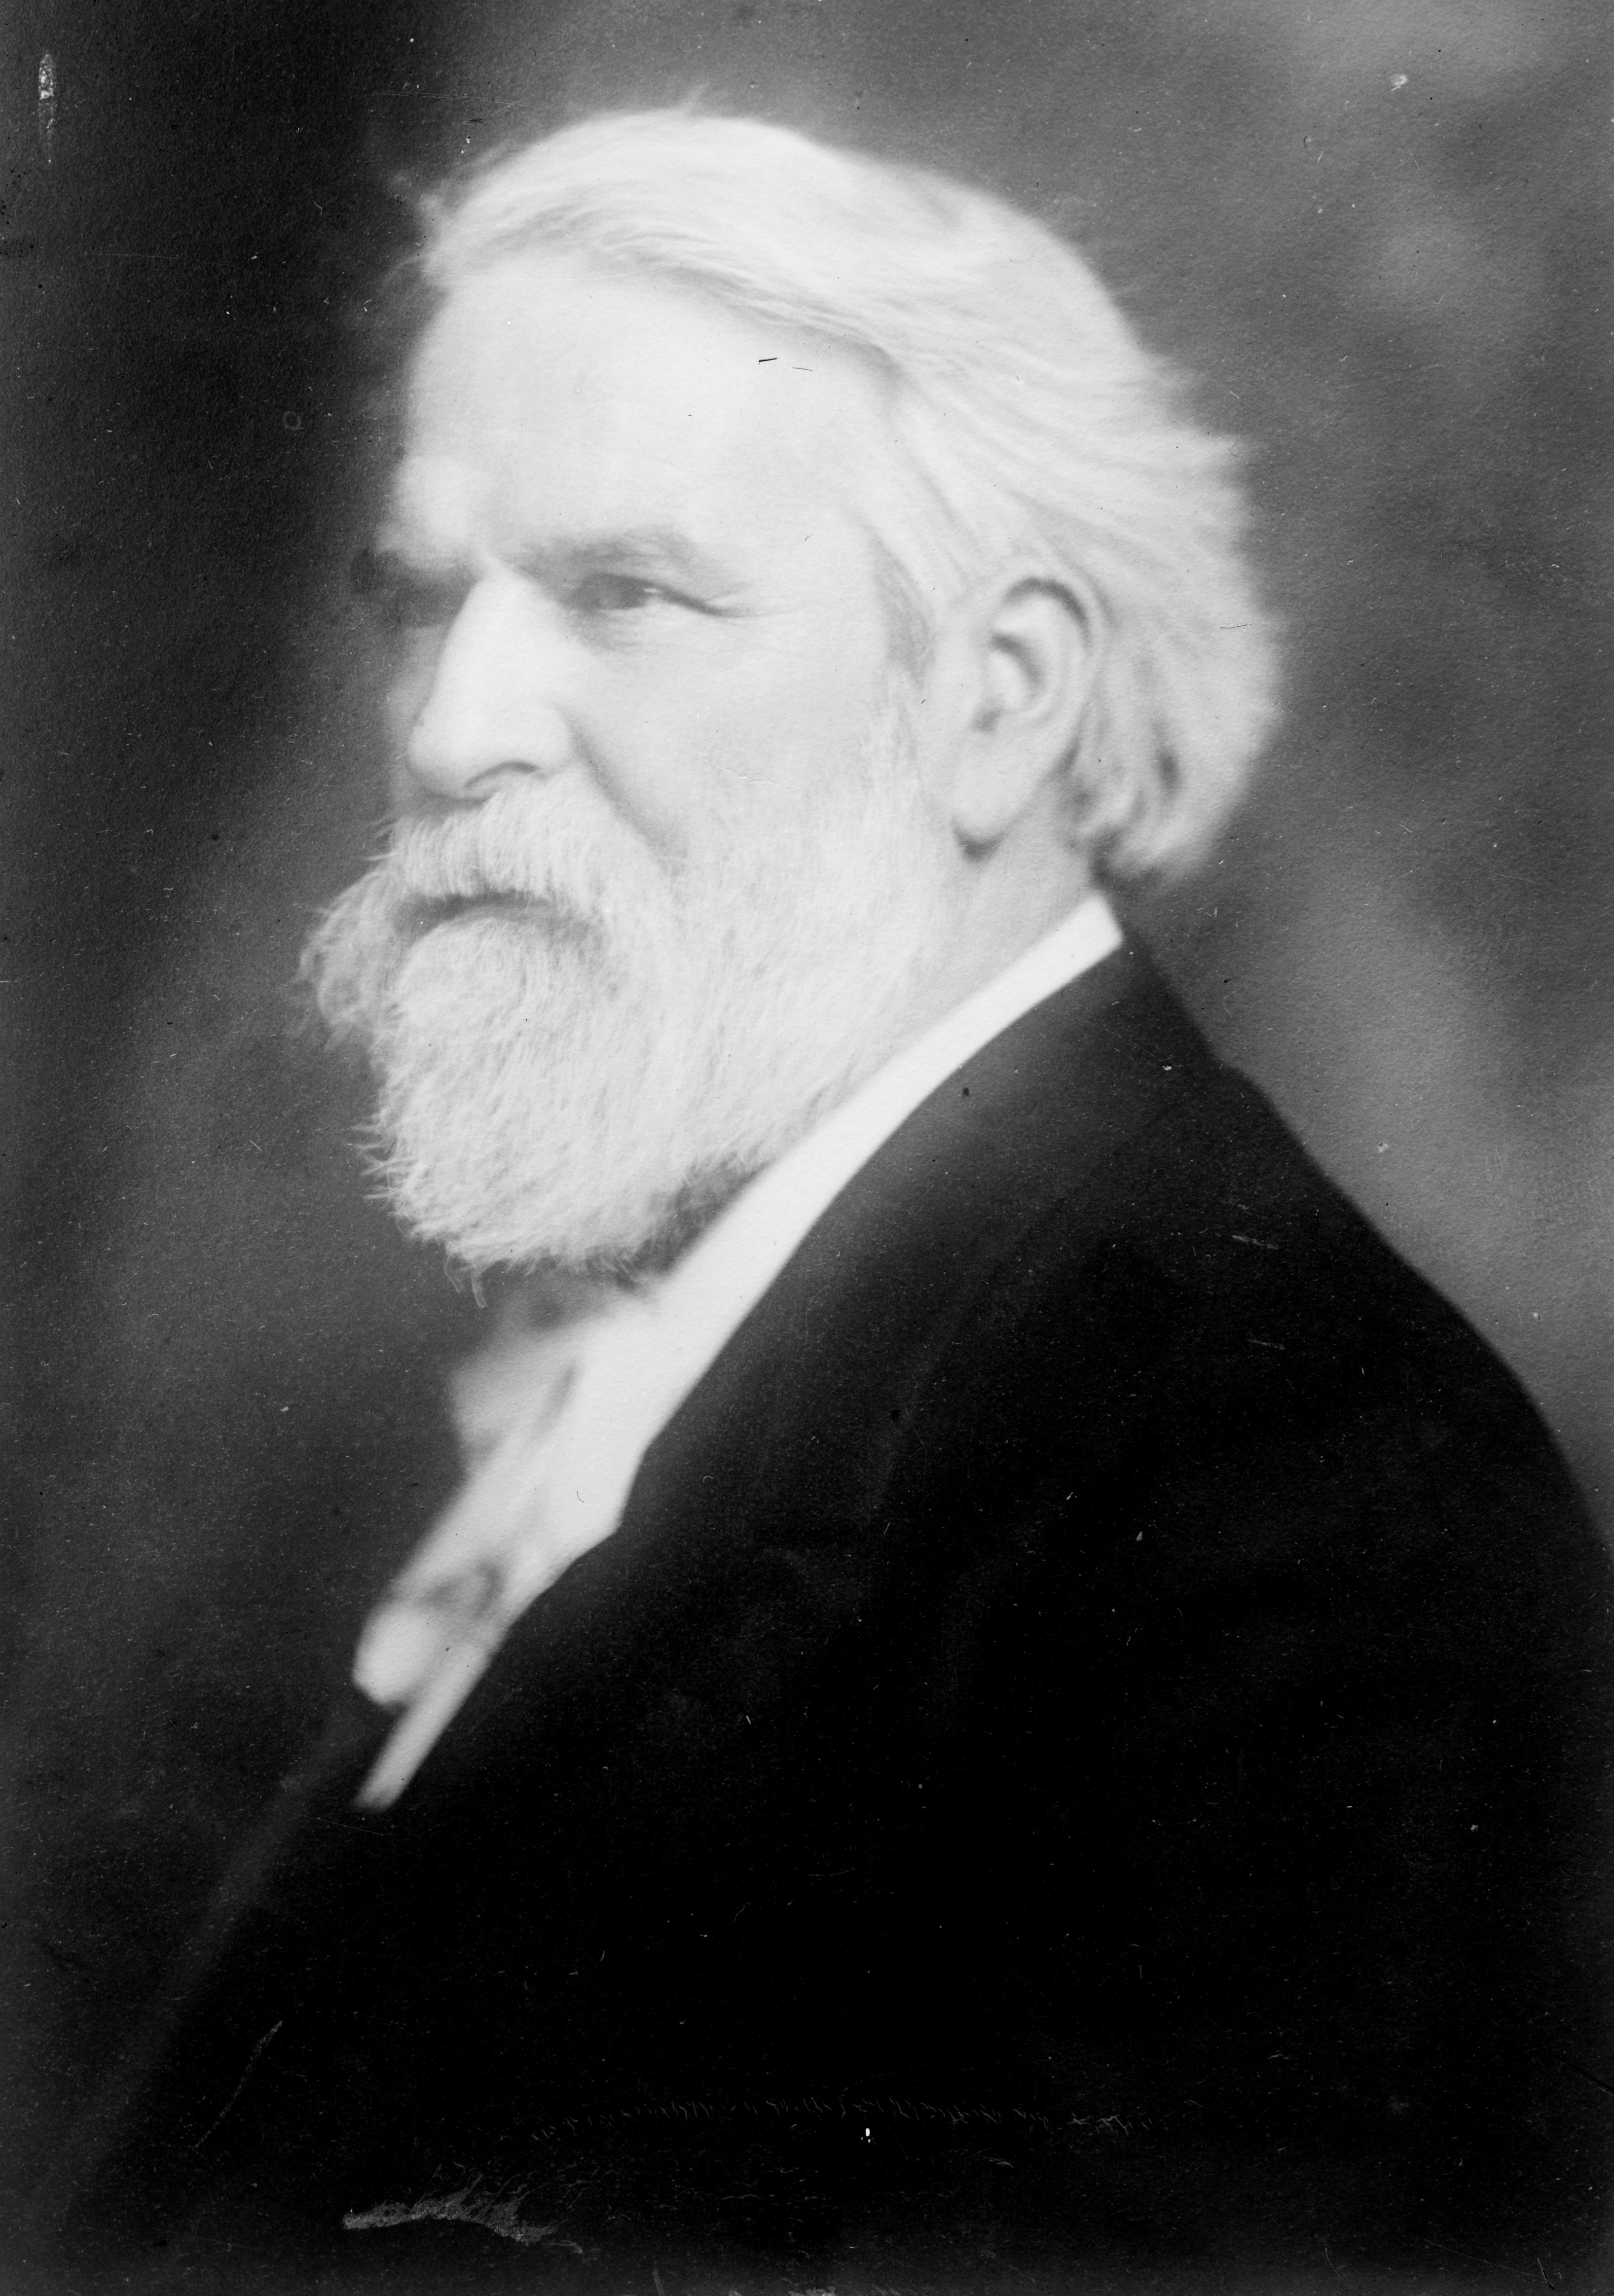 Edwin Markham flout